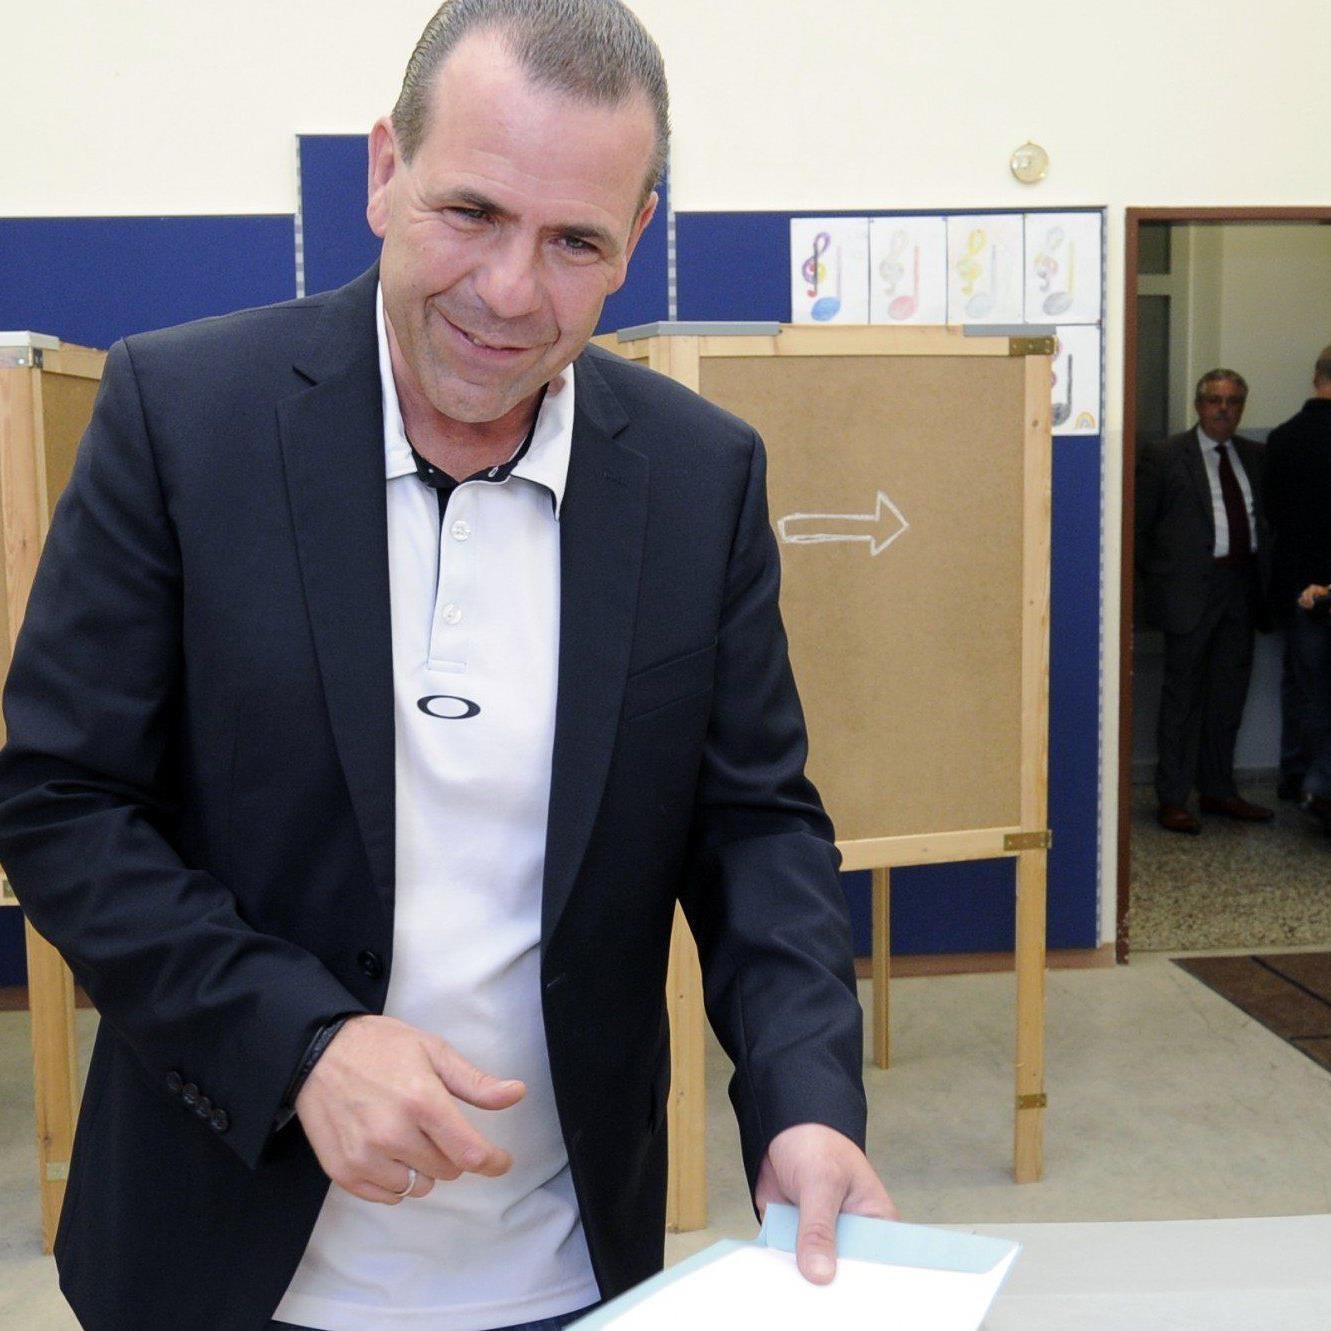 Fehlerloser Wahlkampf eines glanzarmen Spitzenkandidaten.